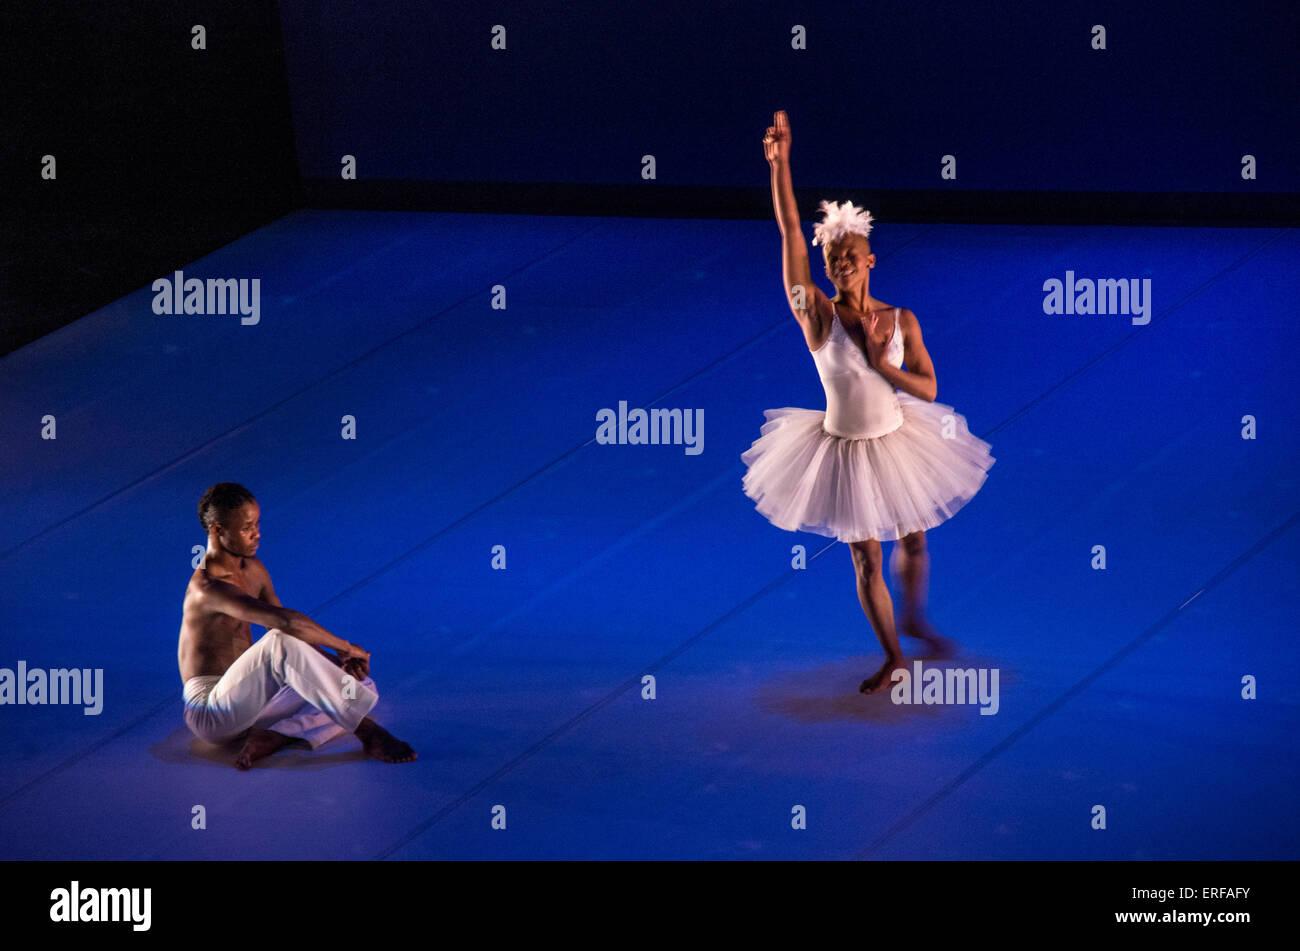 Dada Masilo danseur sud-africain et l'homme dans sa version inhabituelle de Swan Lake. Photo Stock